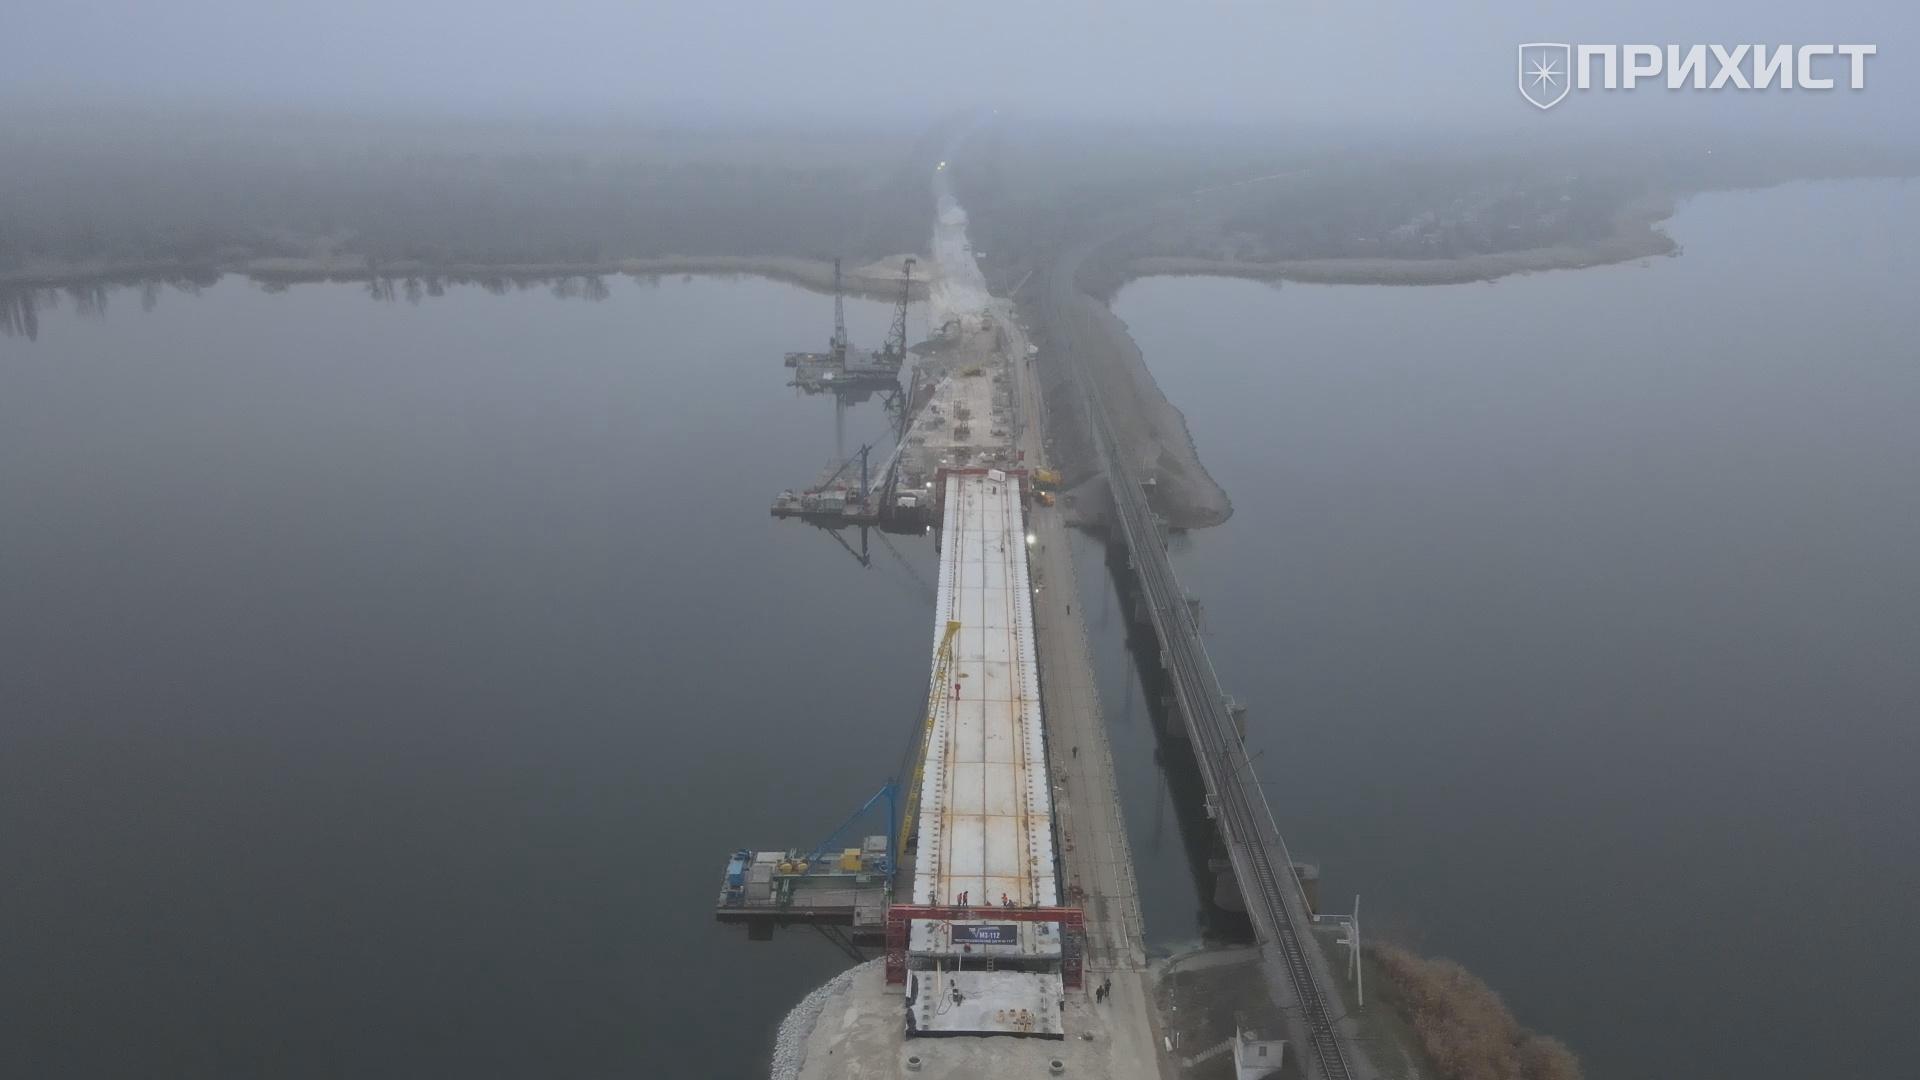 Строительство моста под Никополем | Прихист